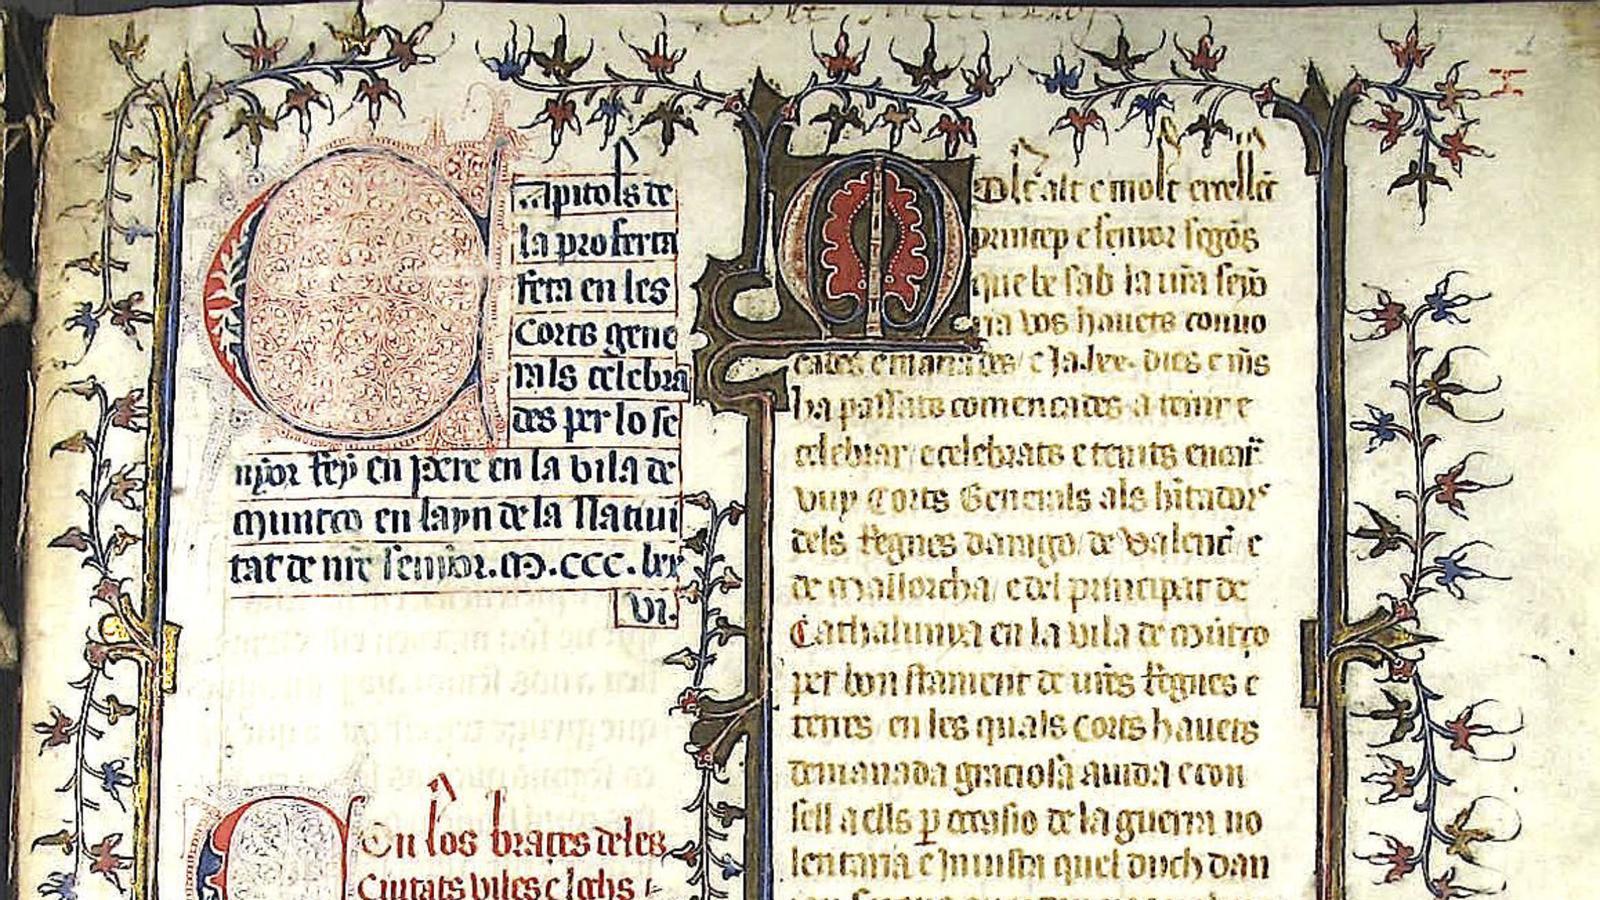 Una pàgina del manuscrit